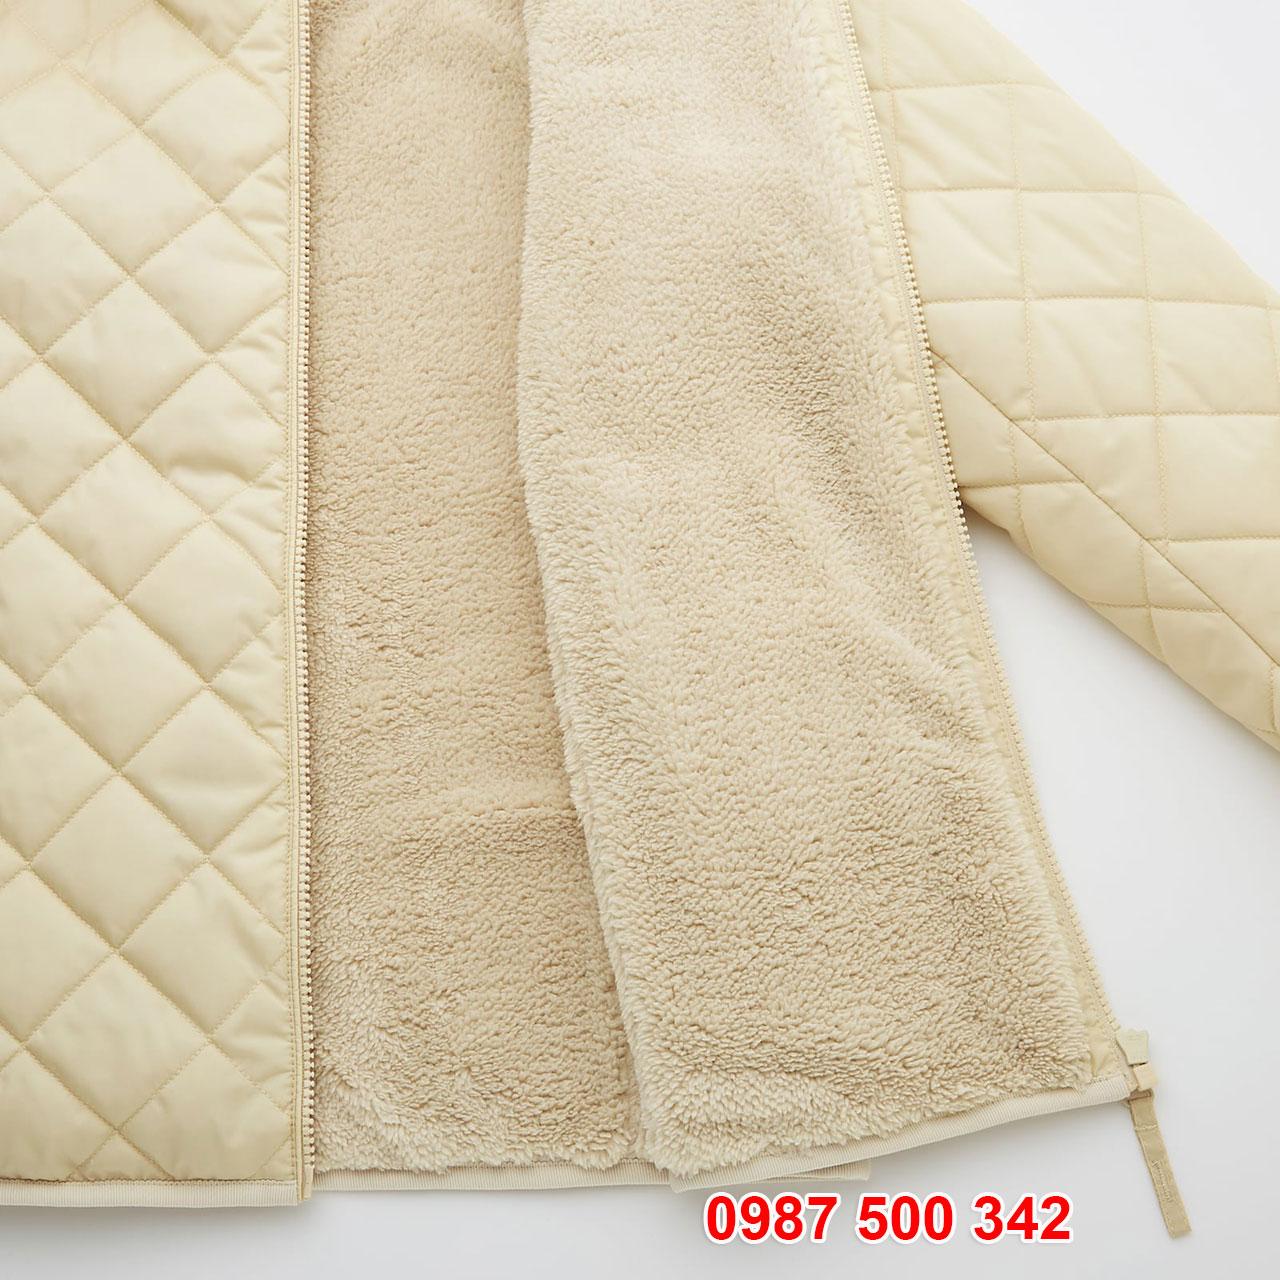 Chi tiết lớp lông giả lông cừu bên trong Áo khoác chần trám lót lông cừu Uniqlo 2020 - 2021 mã 432295